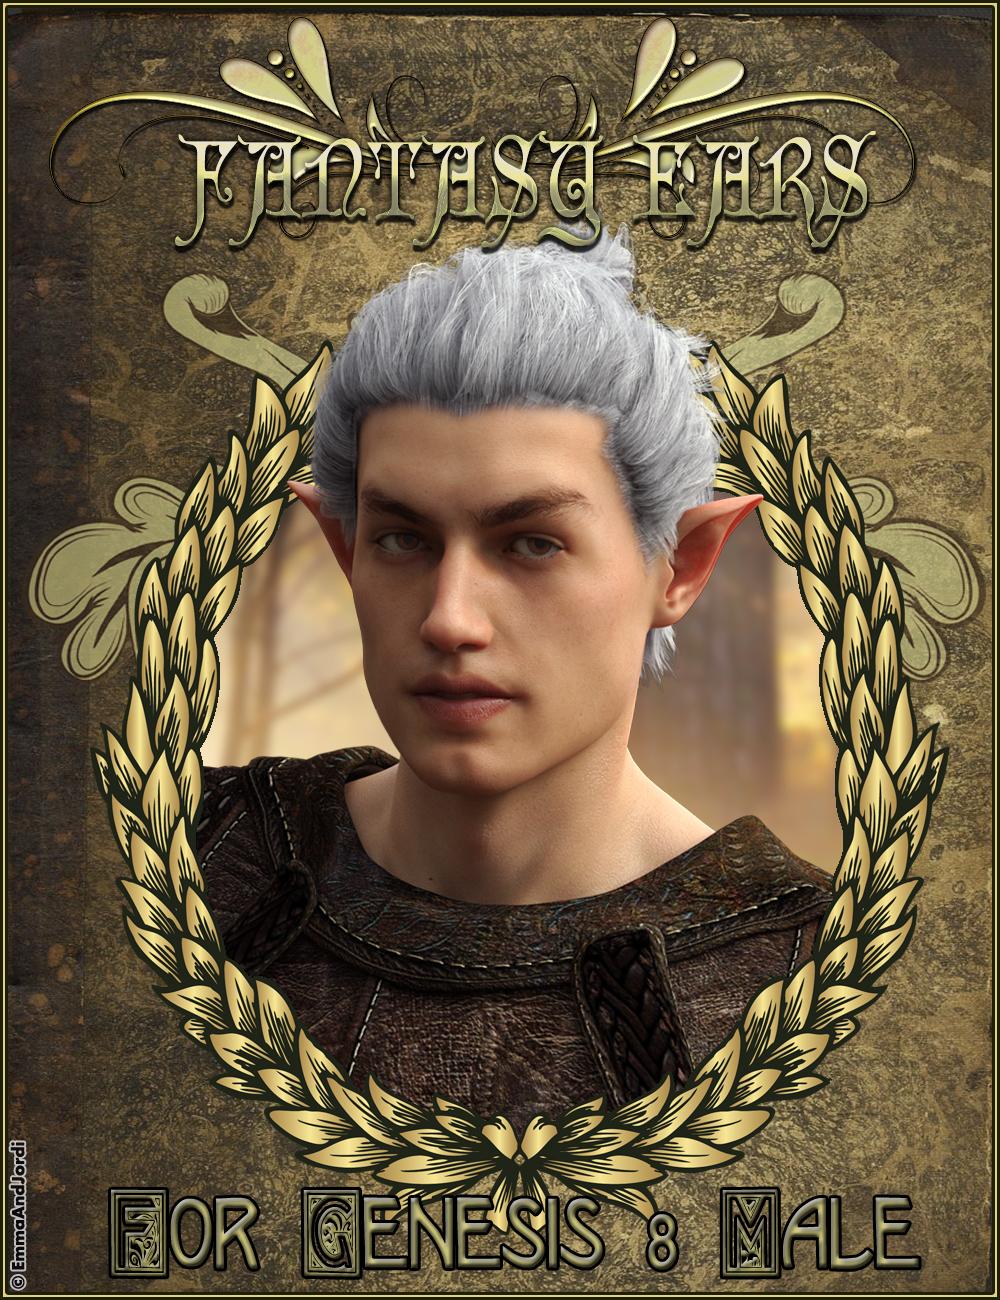 EJ Fantasy Ears for Genesis 8 Male by: EmmaAndJordi, 3D Models by Daz 3D